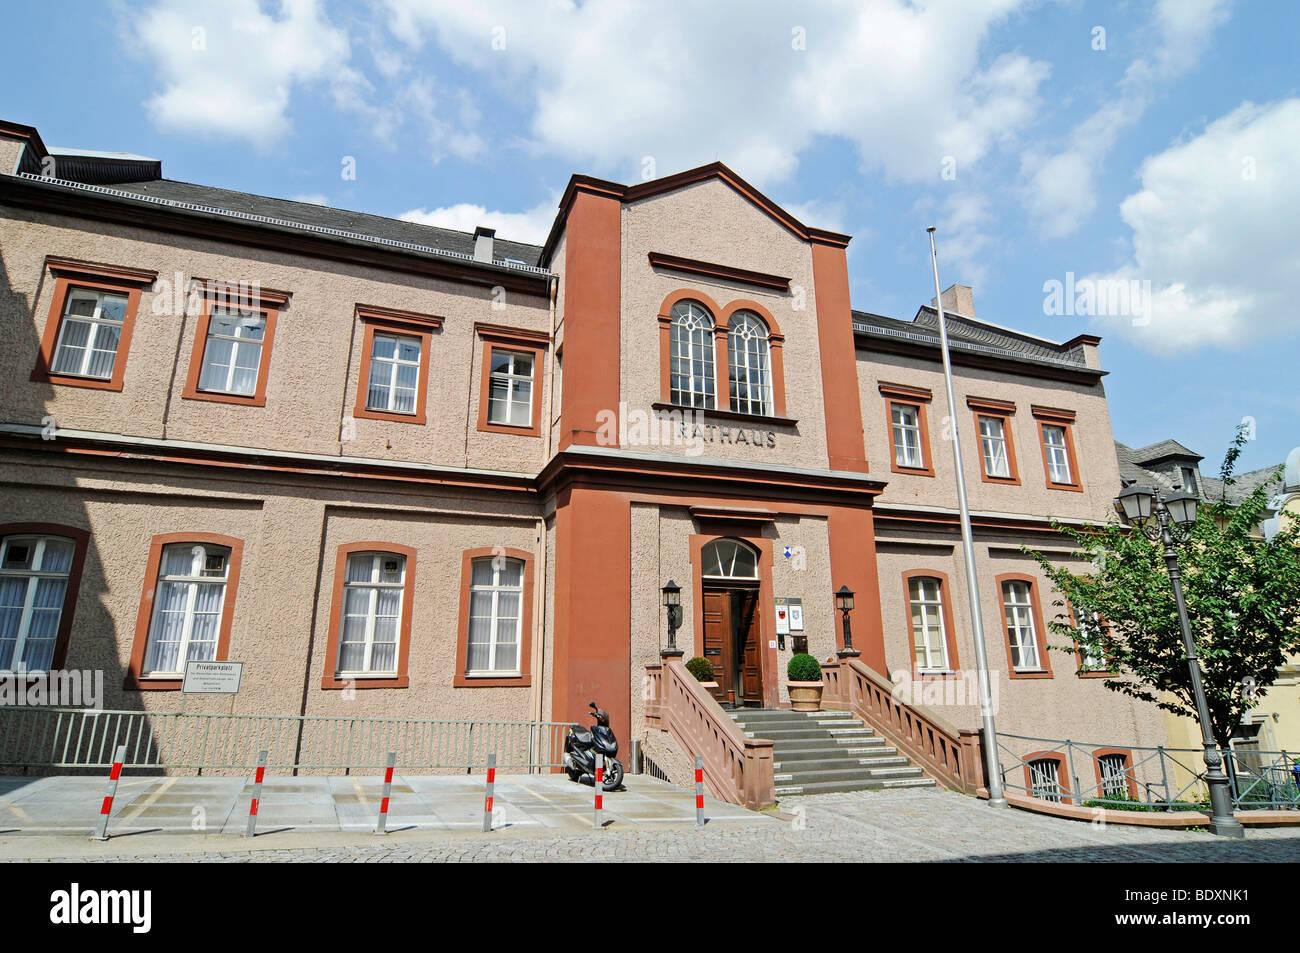 Historisches Archiv archivio storico, ex municipio, il centro storico, Wetzlar, Hesse, Germania, Europa Immagini Stock